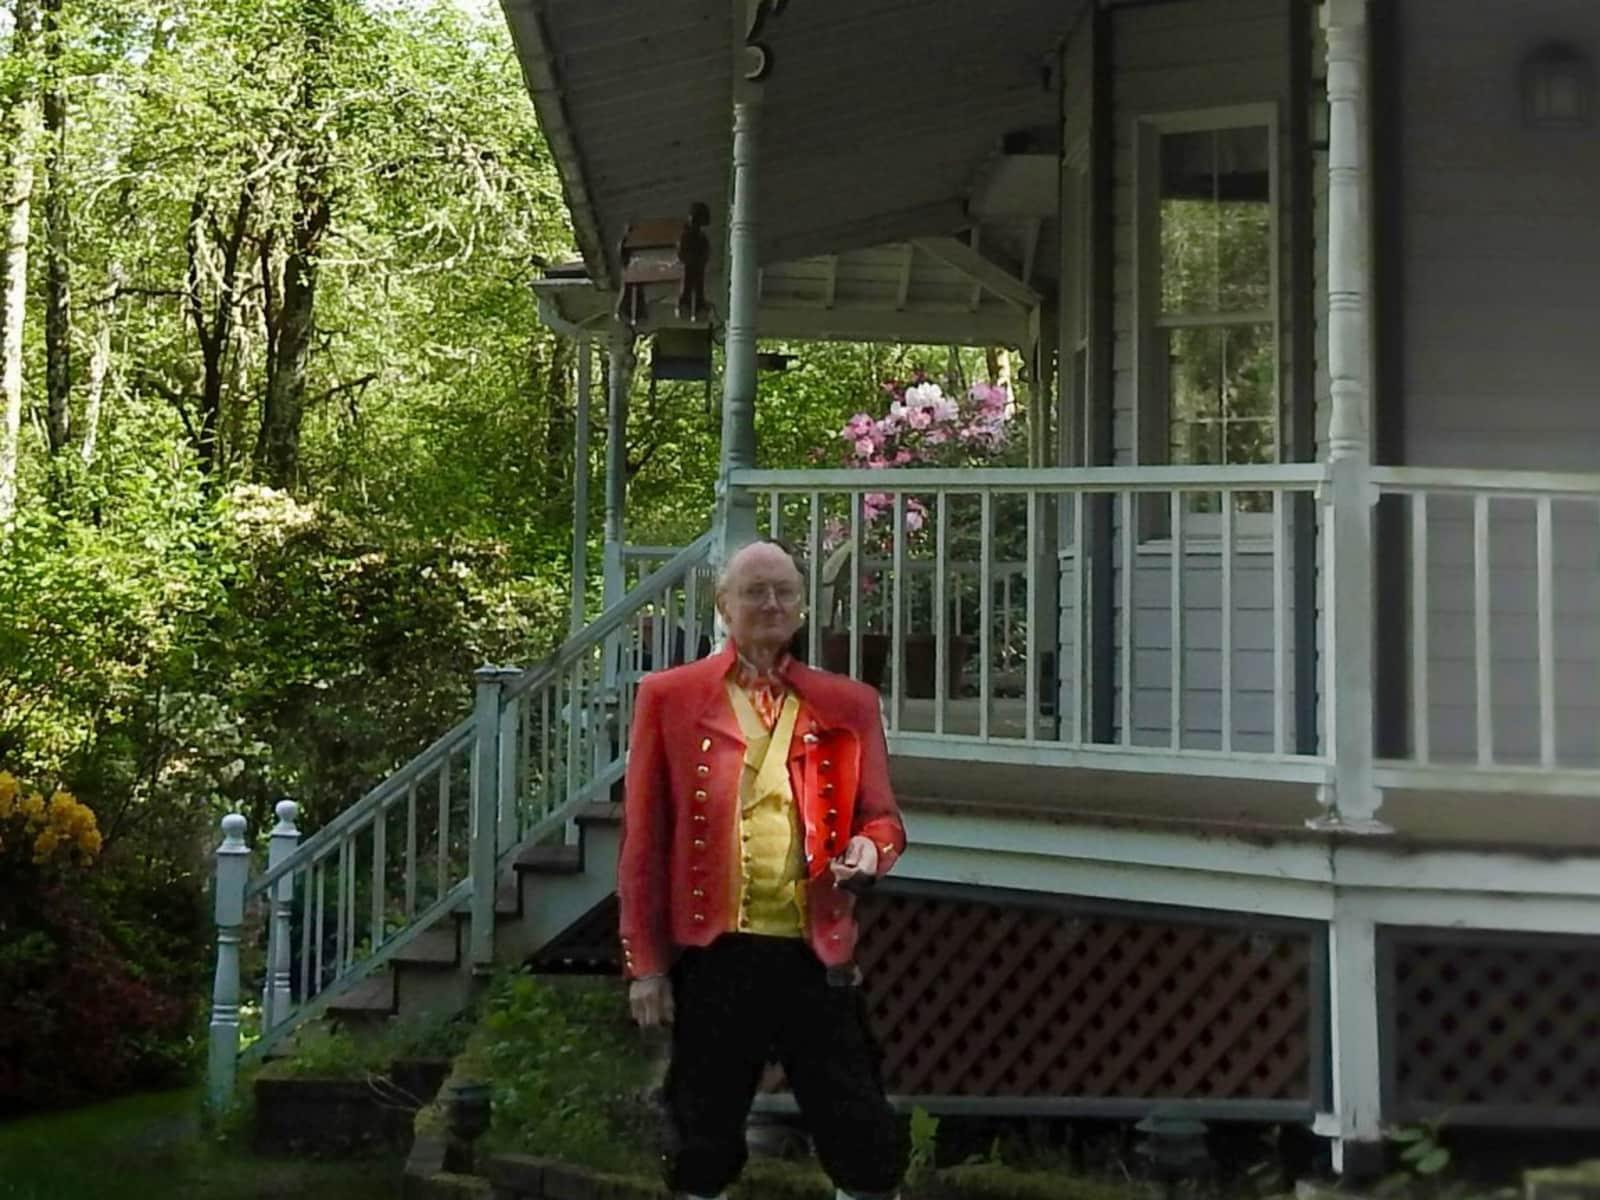 Gary from Olympia, Washington, United States